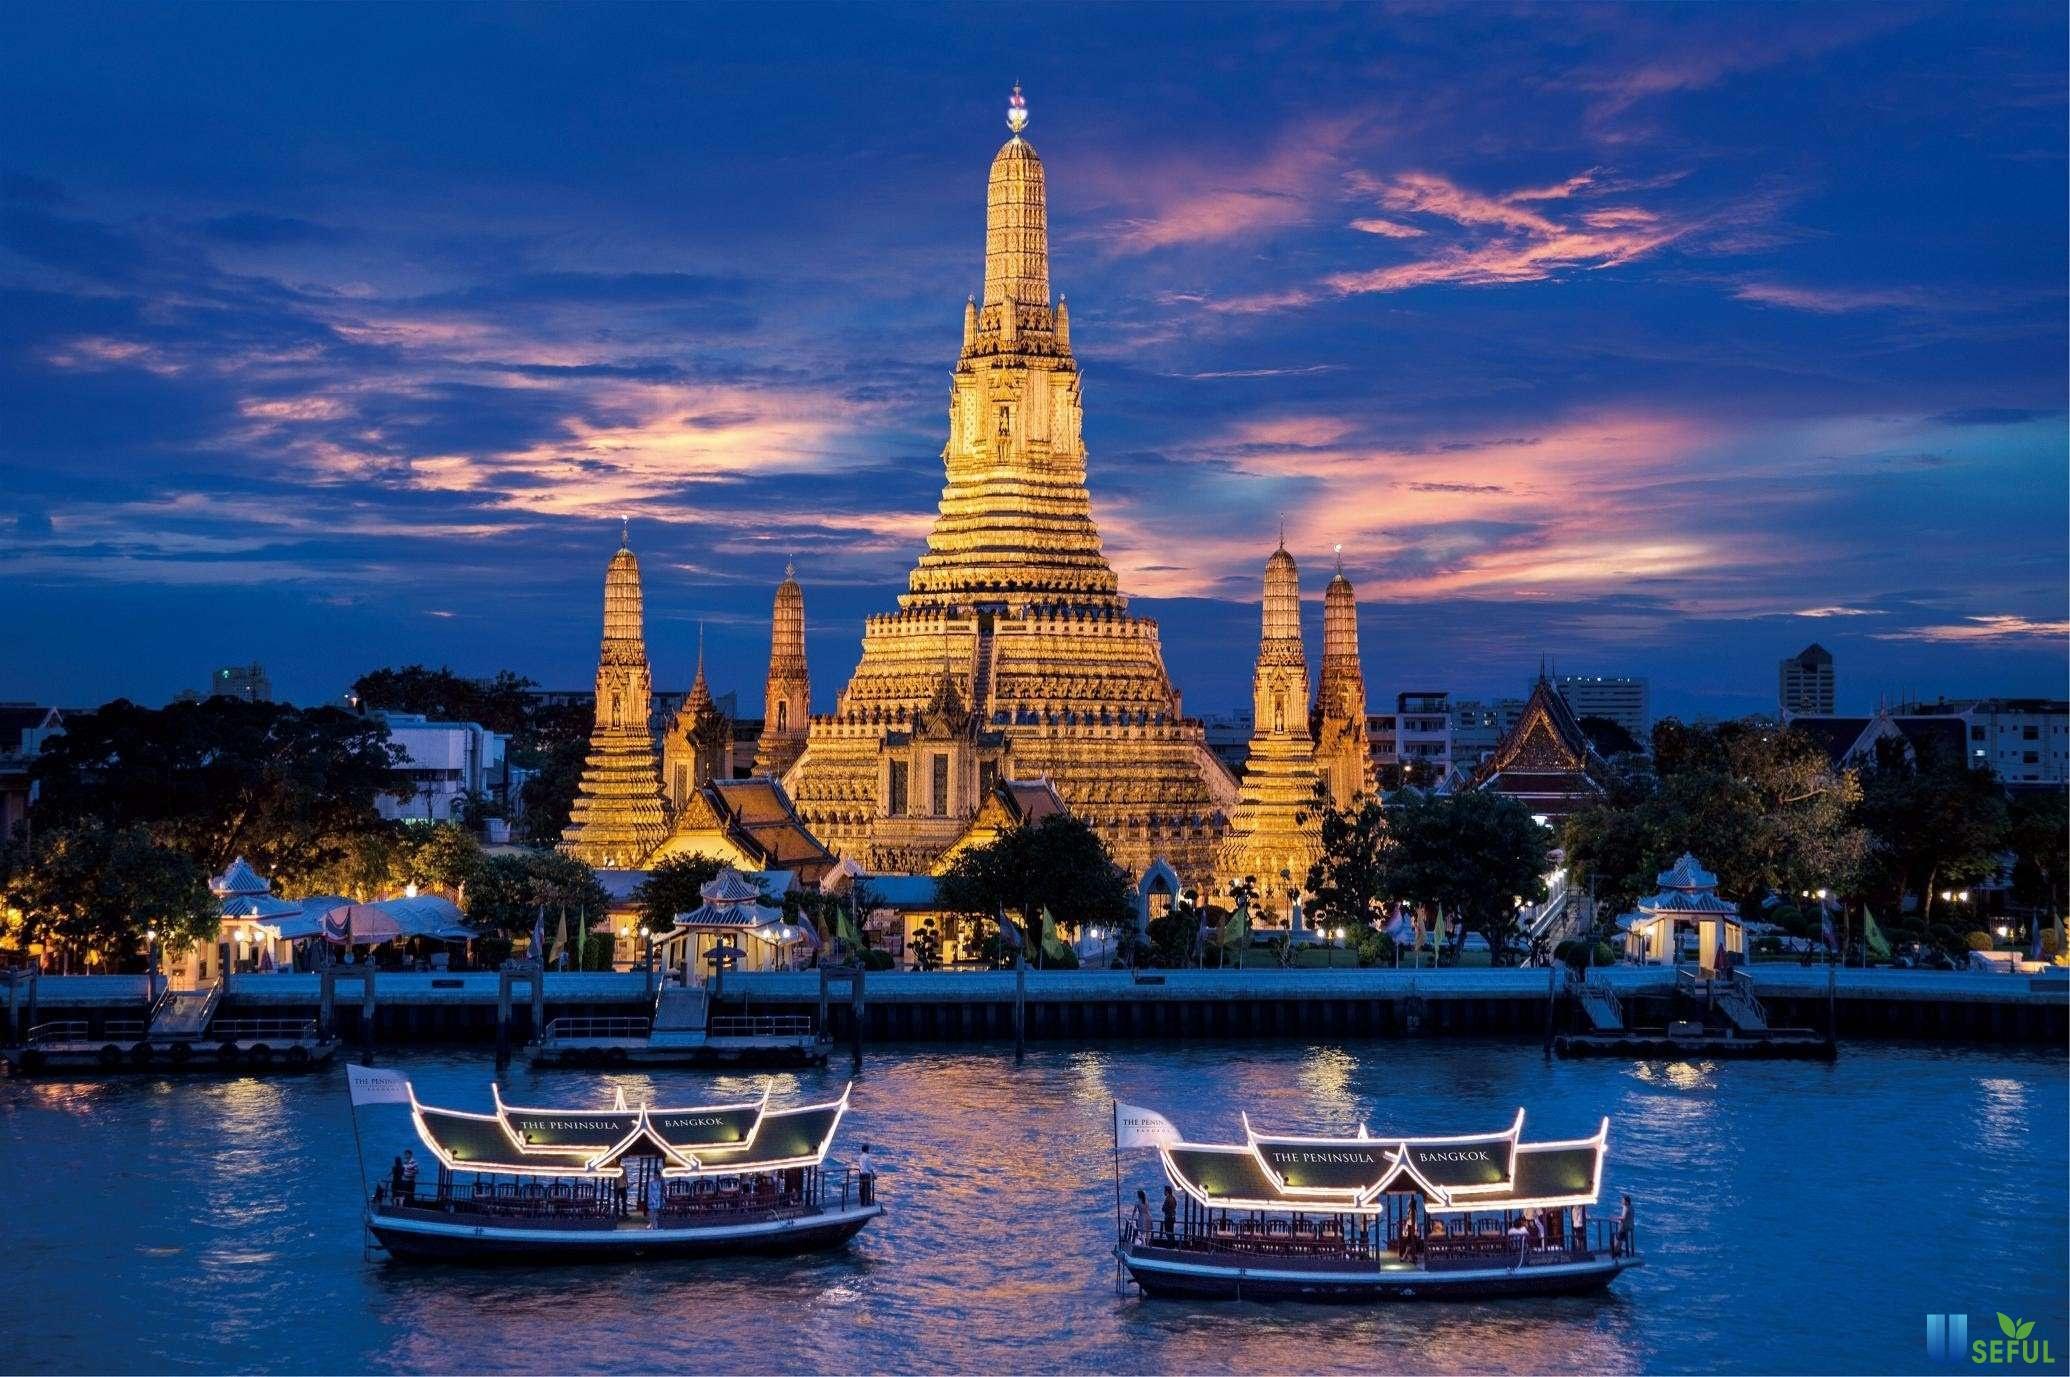 Quang cảnh lãng mạn của Thái Lan - đi Thái Lan mùa nào đẹp nhất